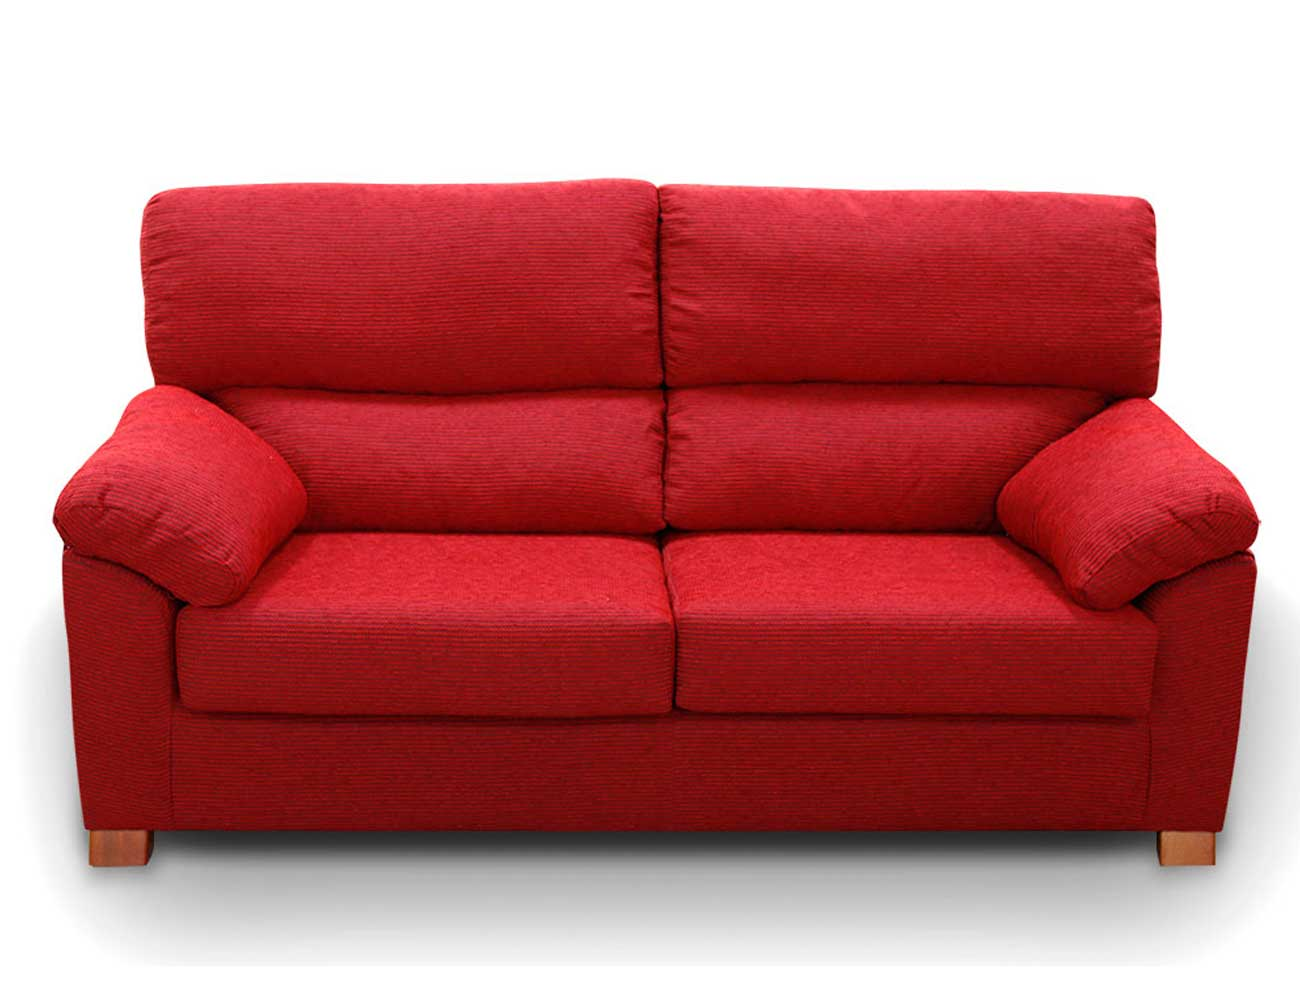 Sofa barato 3 plazas rojo3